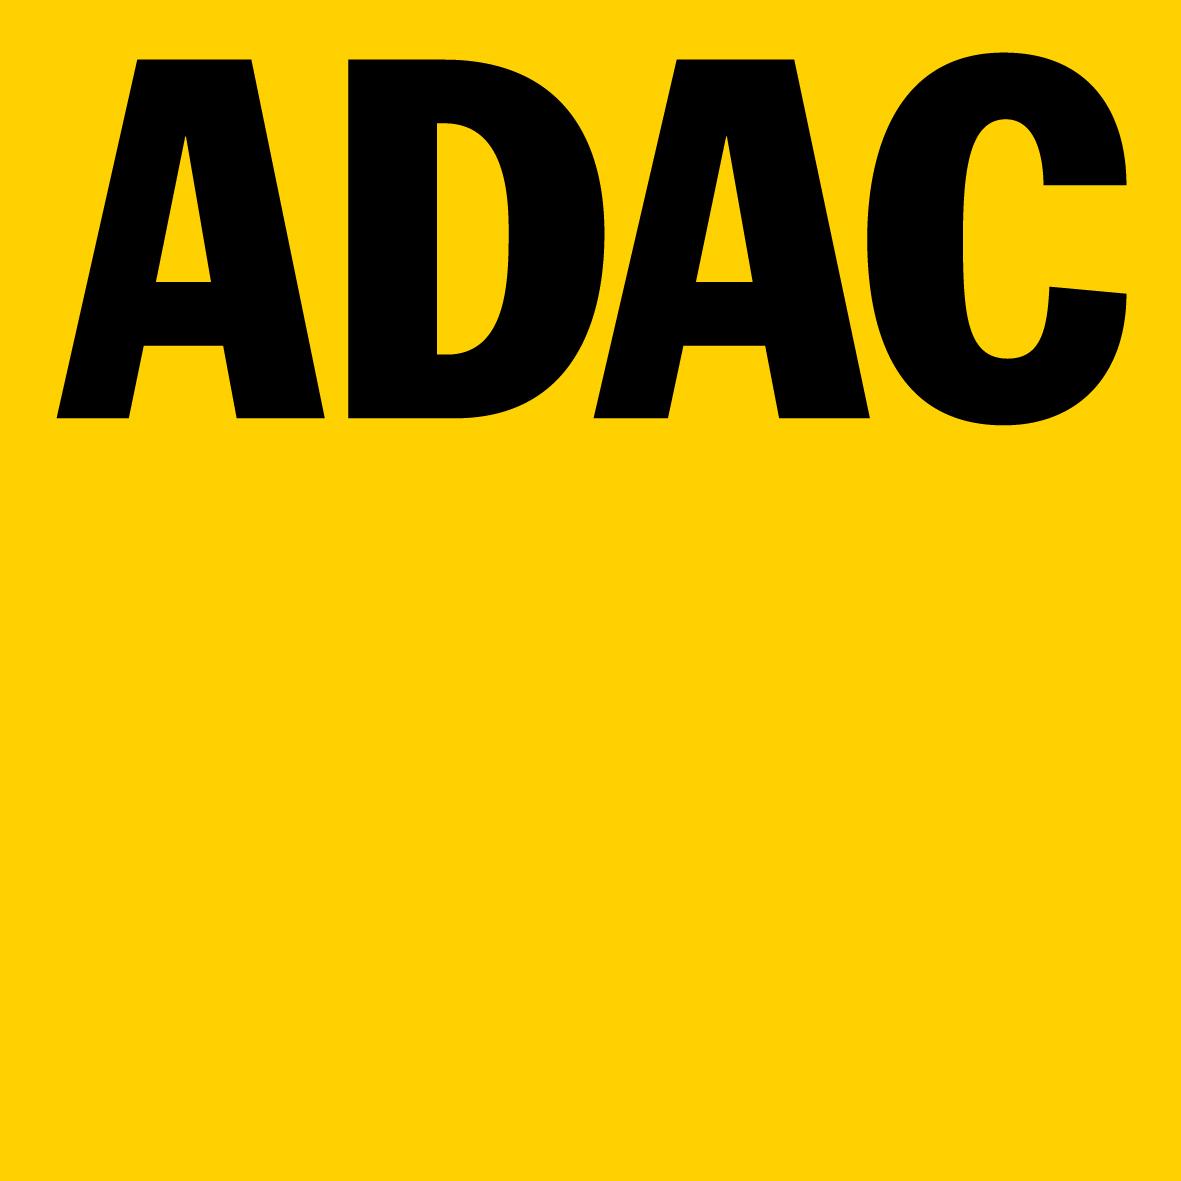 ADAC-Mitgliedschaft mit bis zu 50€ Amazon-Gutschein [direkt über den ADAC]